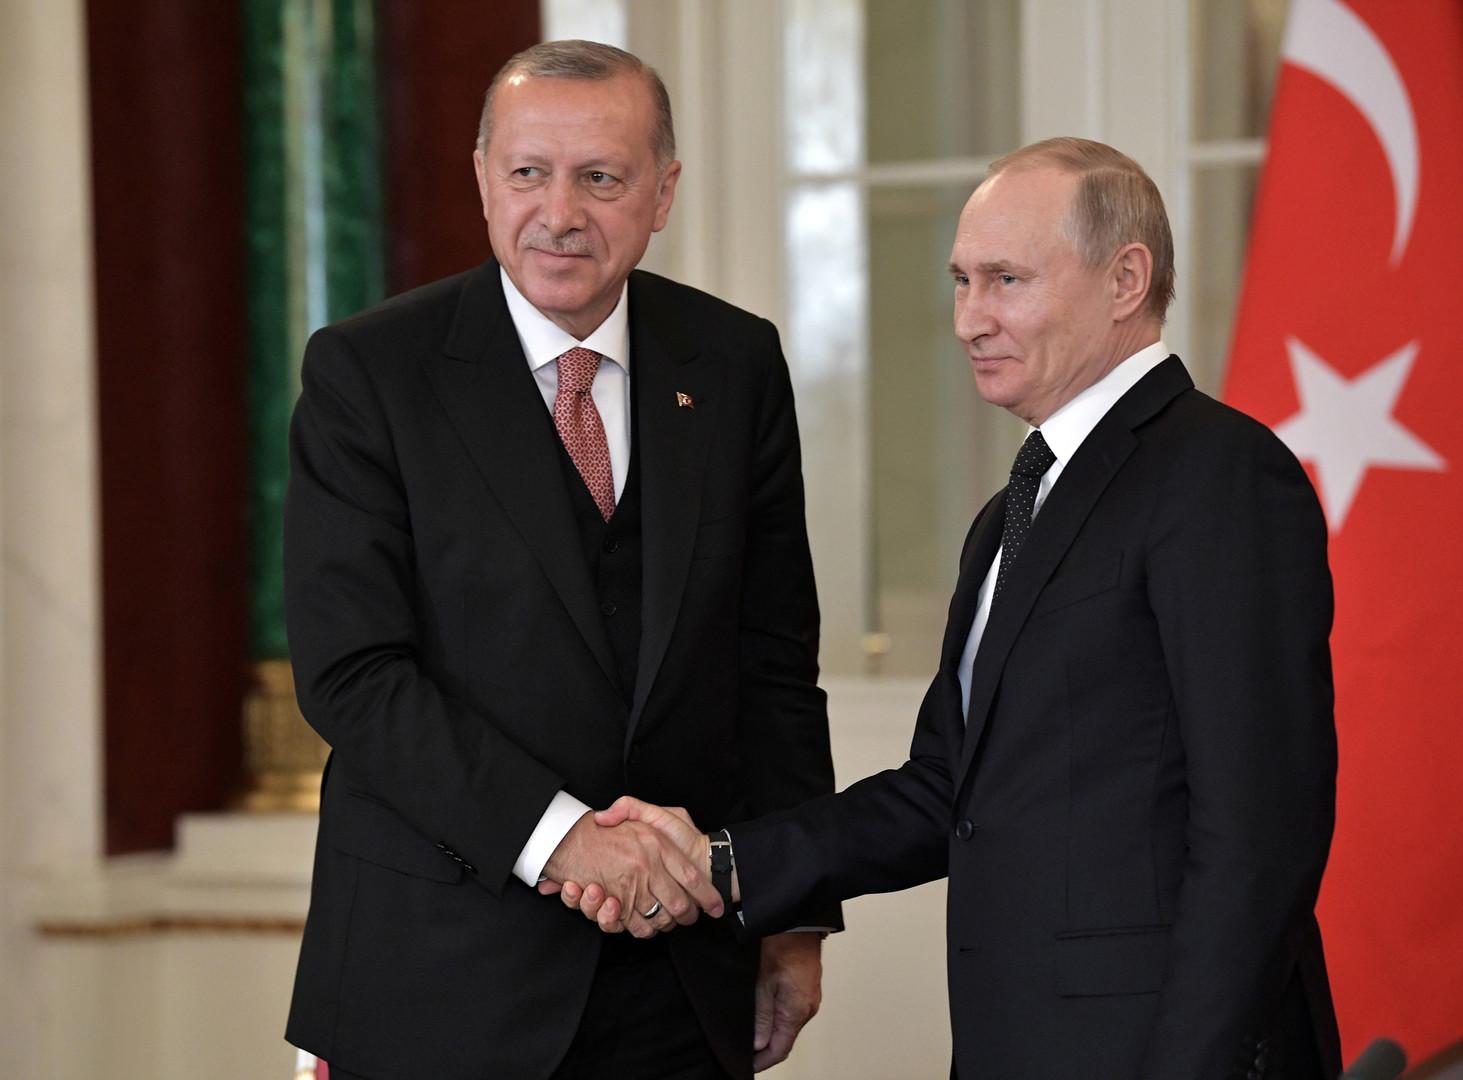 الرئيسان بوتين وأردوغان- صورة أرشيفية